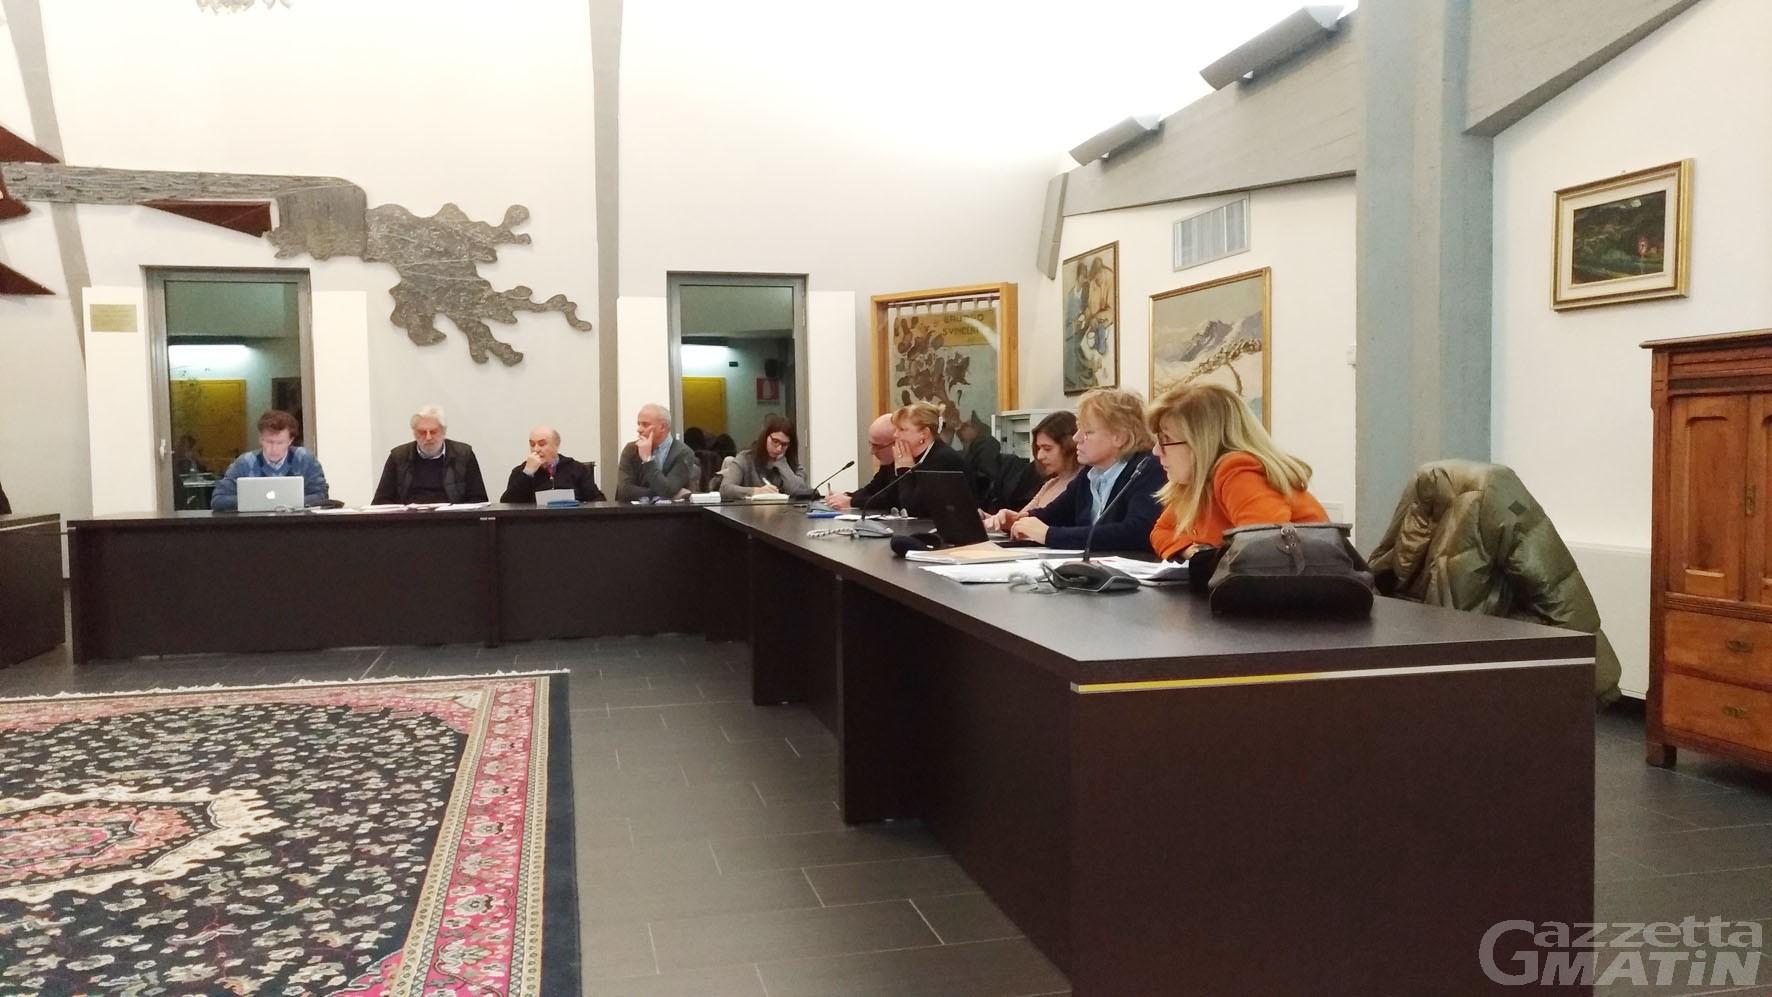 Saint-Vincent: il Consiglio toglie la fiducia al presidente Ciambi